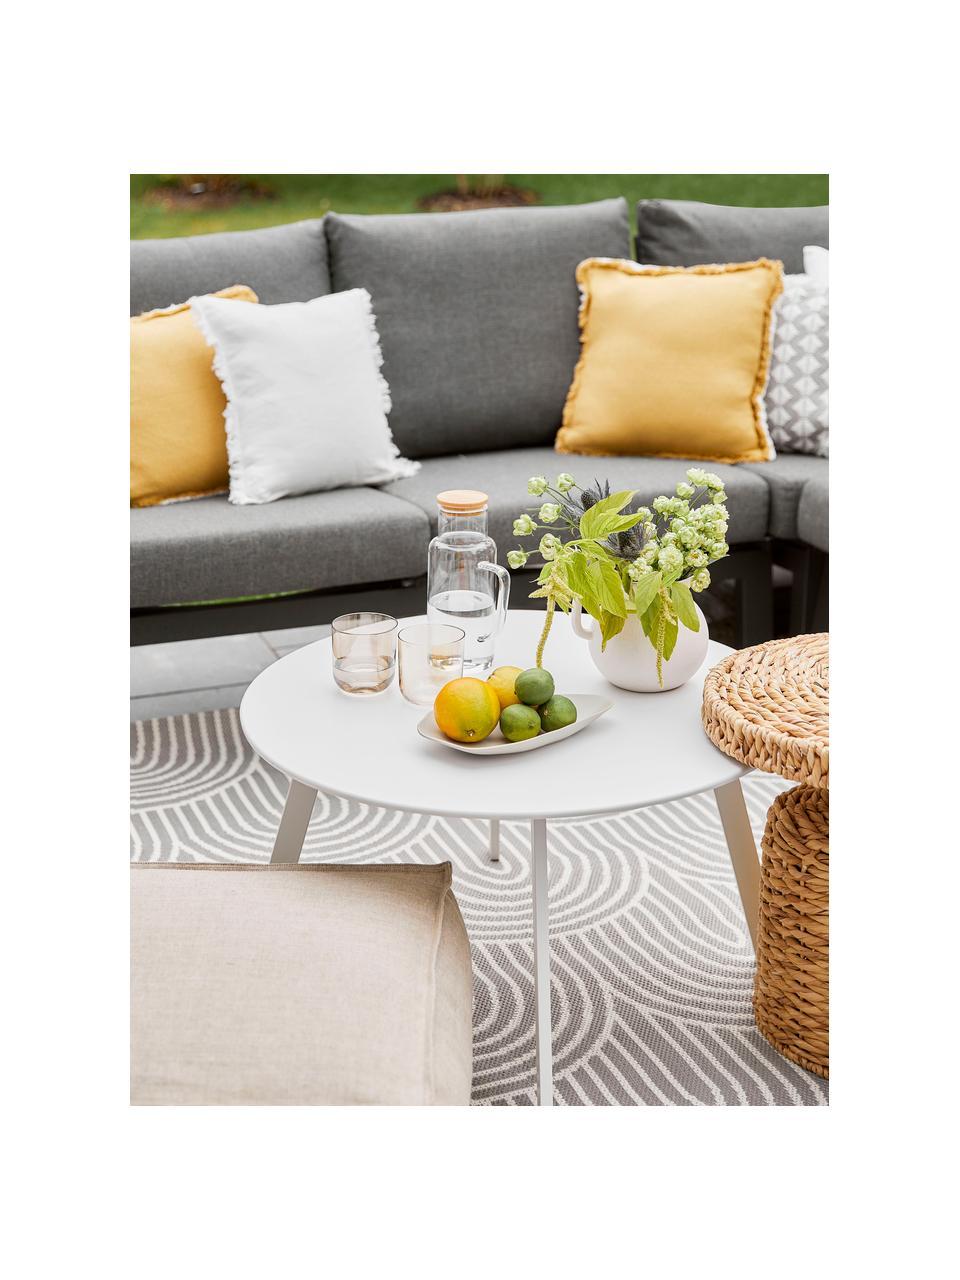 In- & Outdoorteppich Arches in Grau/Weiß, 86% Polypropylen, 14% Polyester, Grau, Weiß, B 200 x L 290 cm (Größe L)